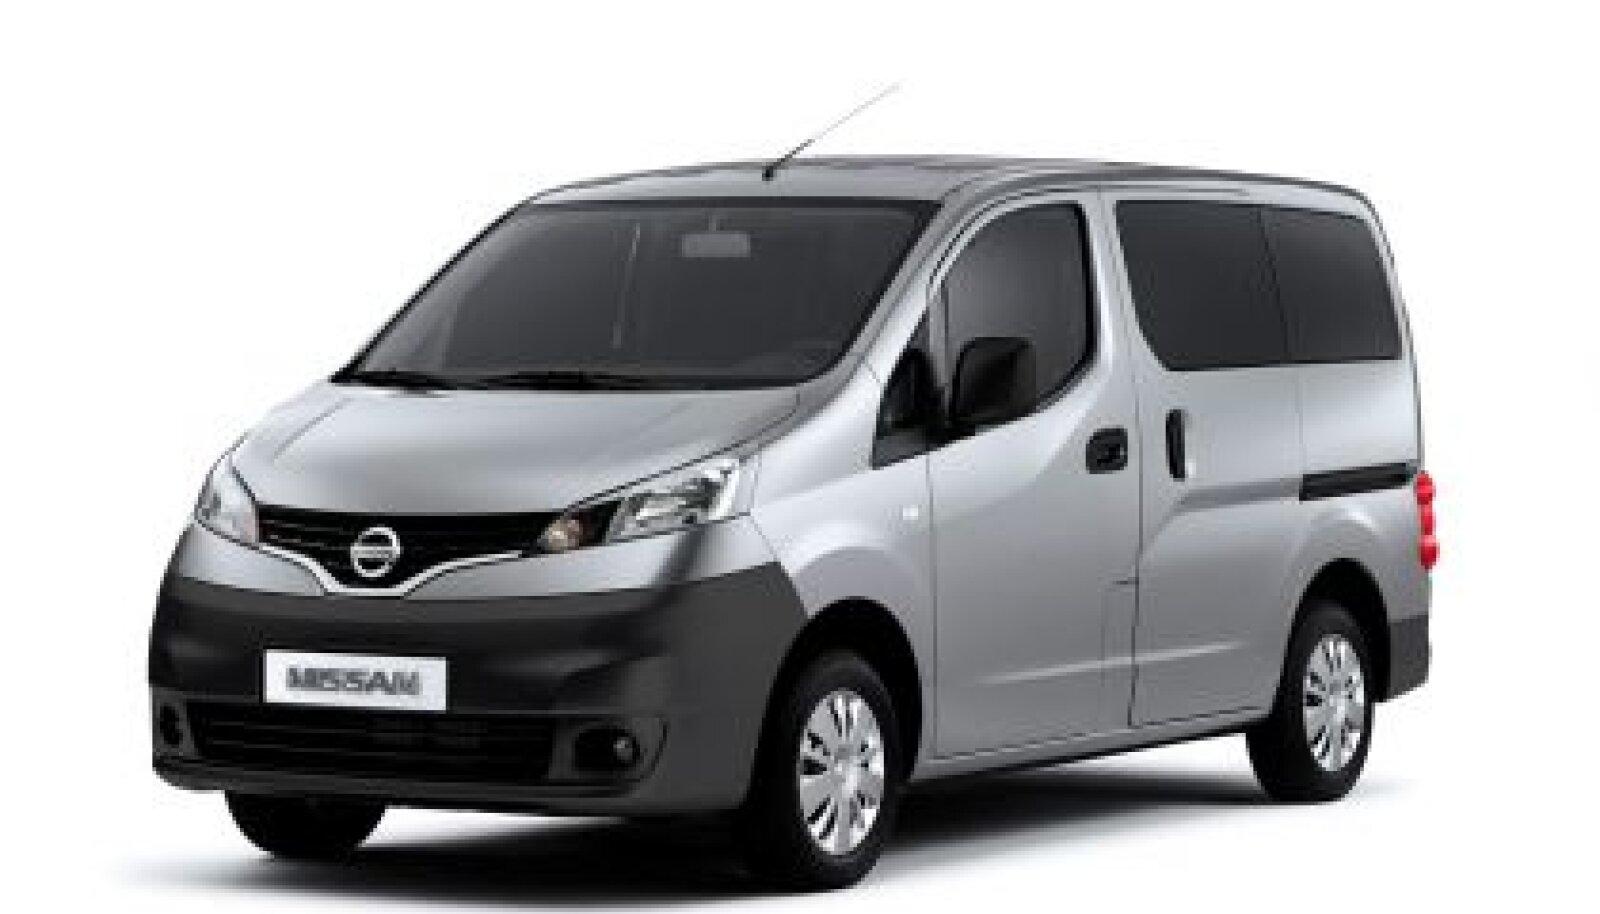 Nissan NV200 sai soliidse pärja